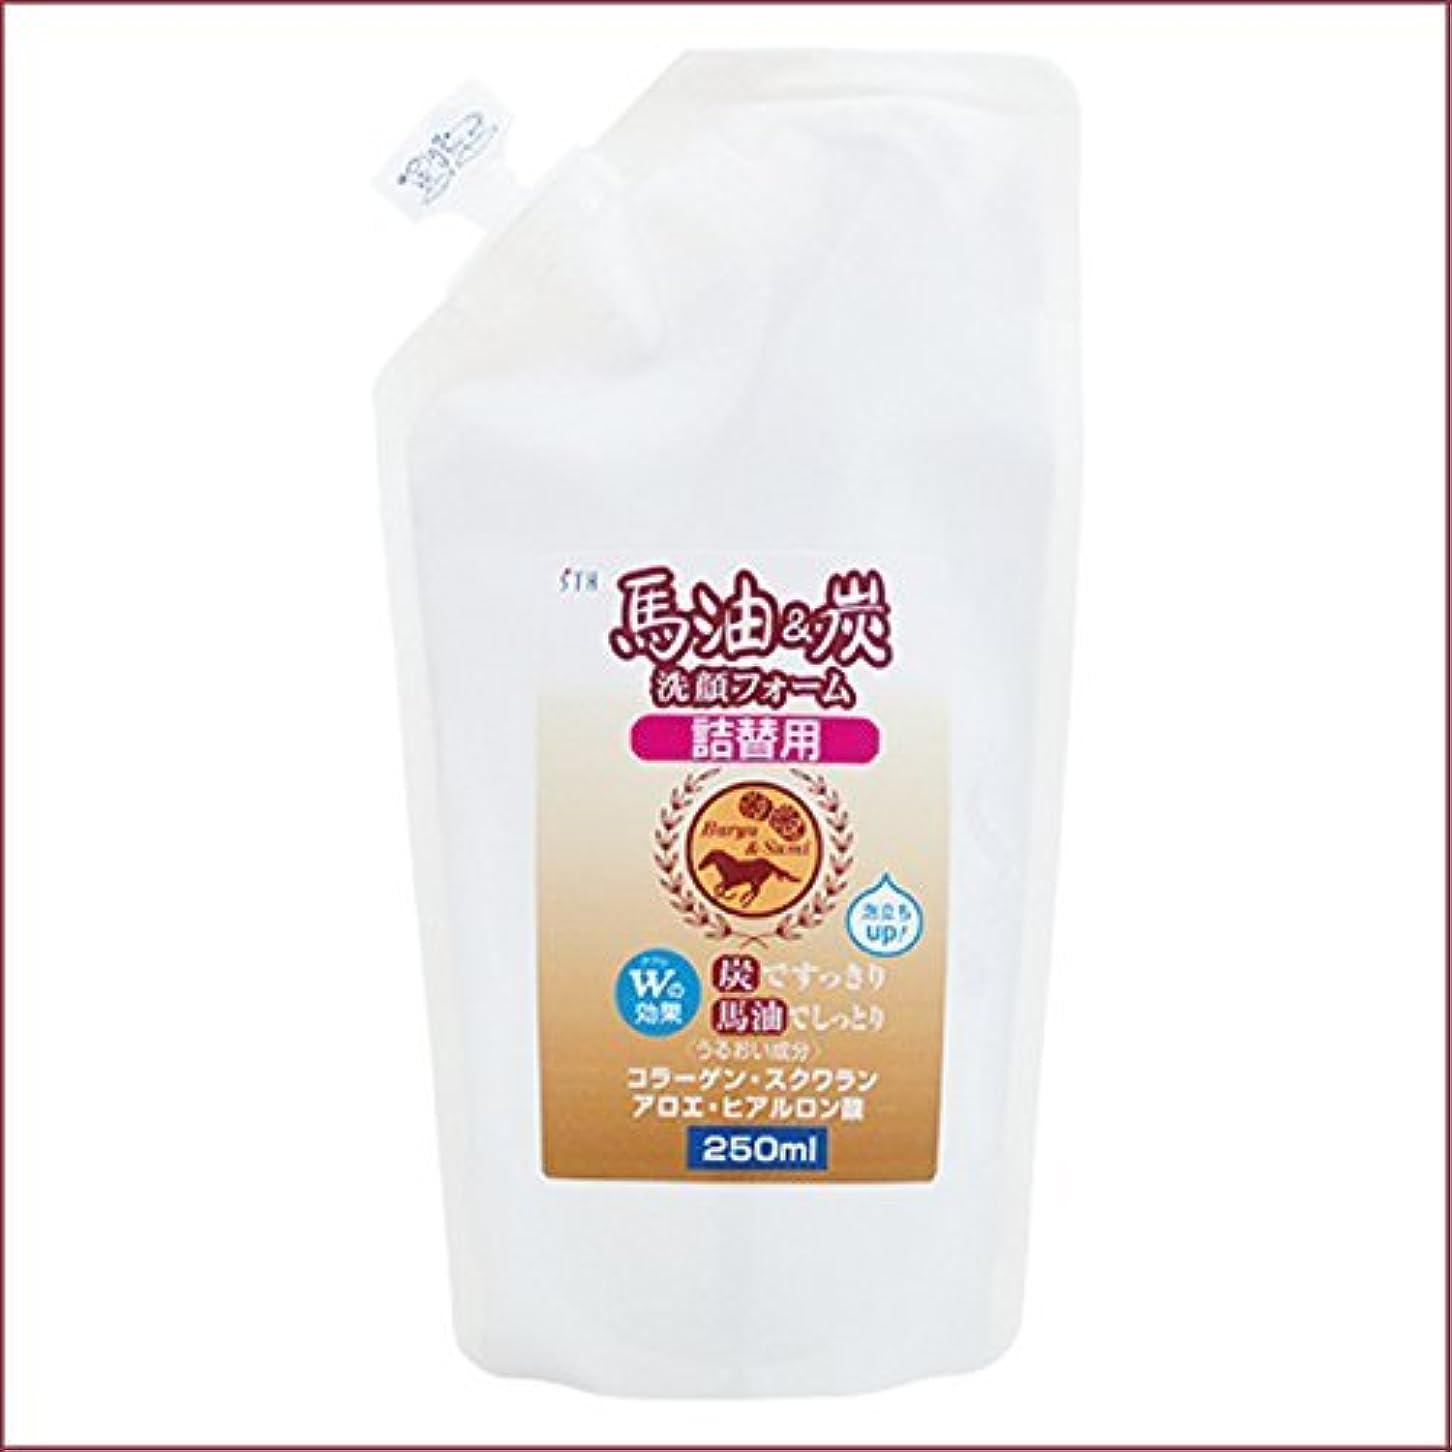 馬油&炭 洗顔フォーム 詰替用 250mL